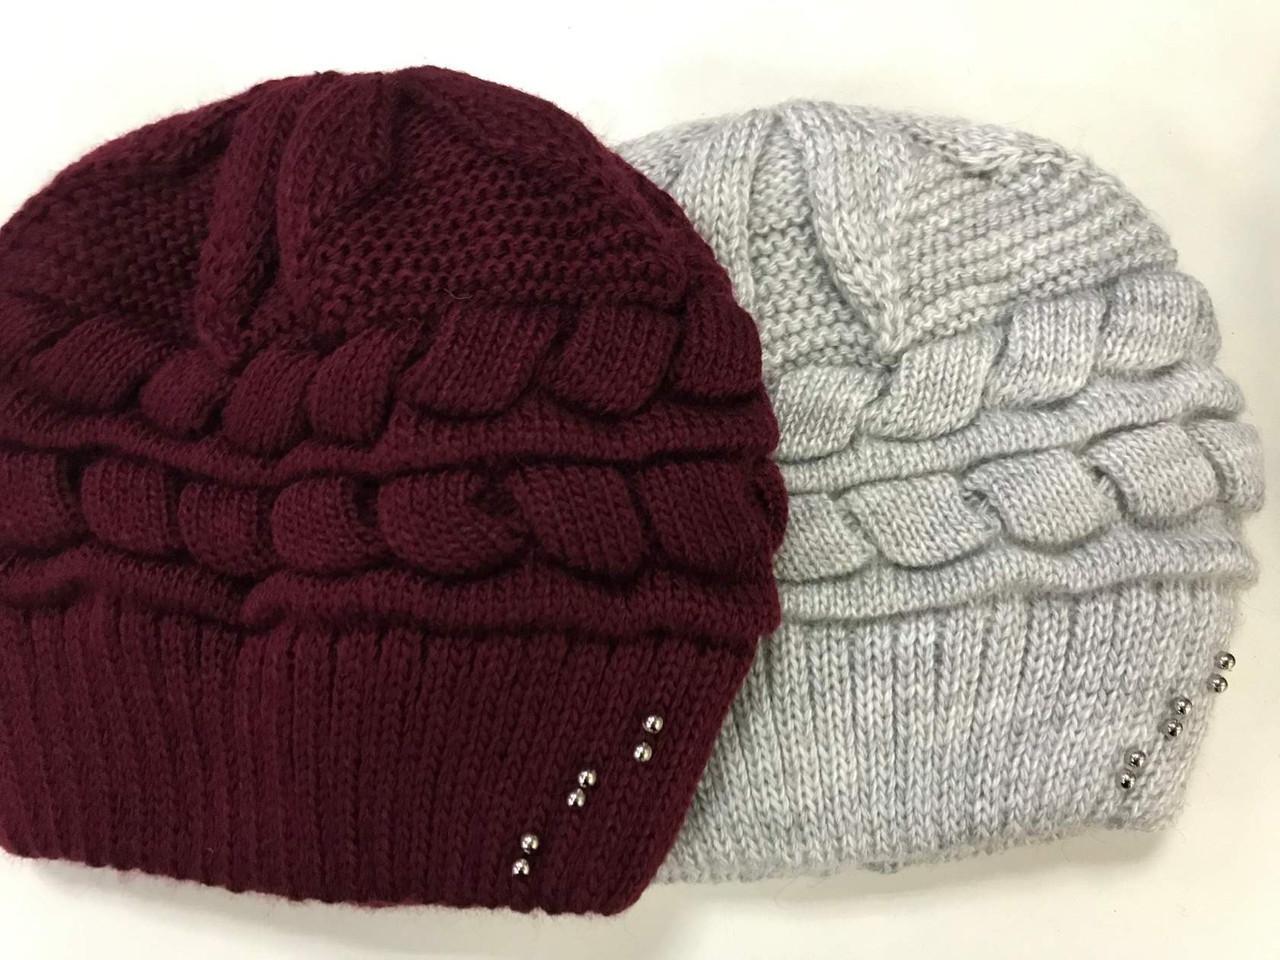 Бордовая и светло-серая шапка крупной вязки на флисе 54-58 см